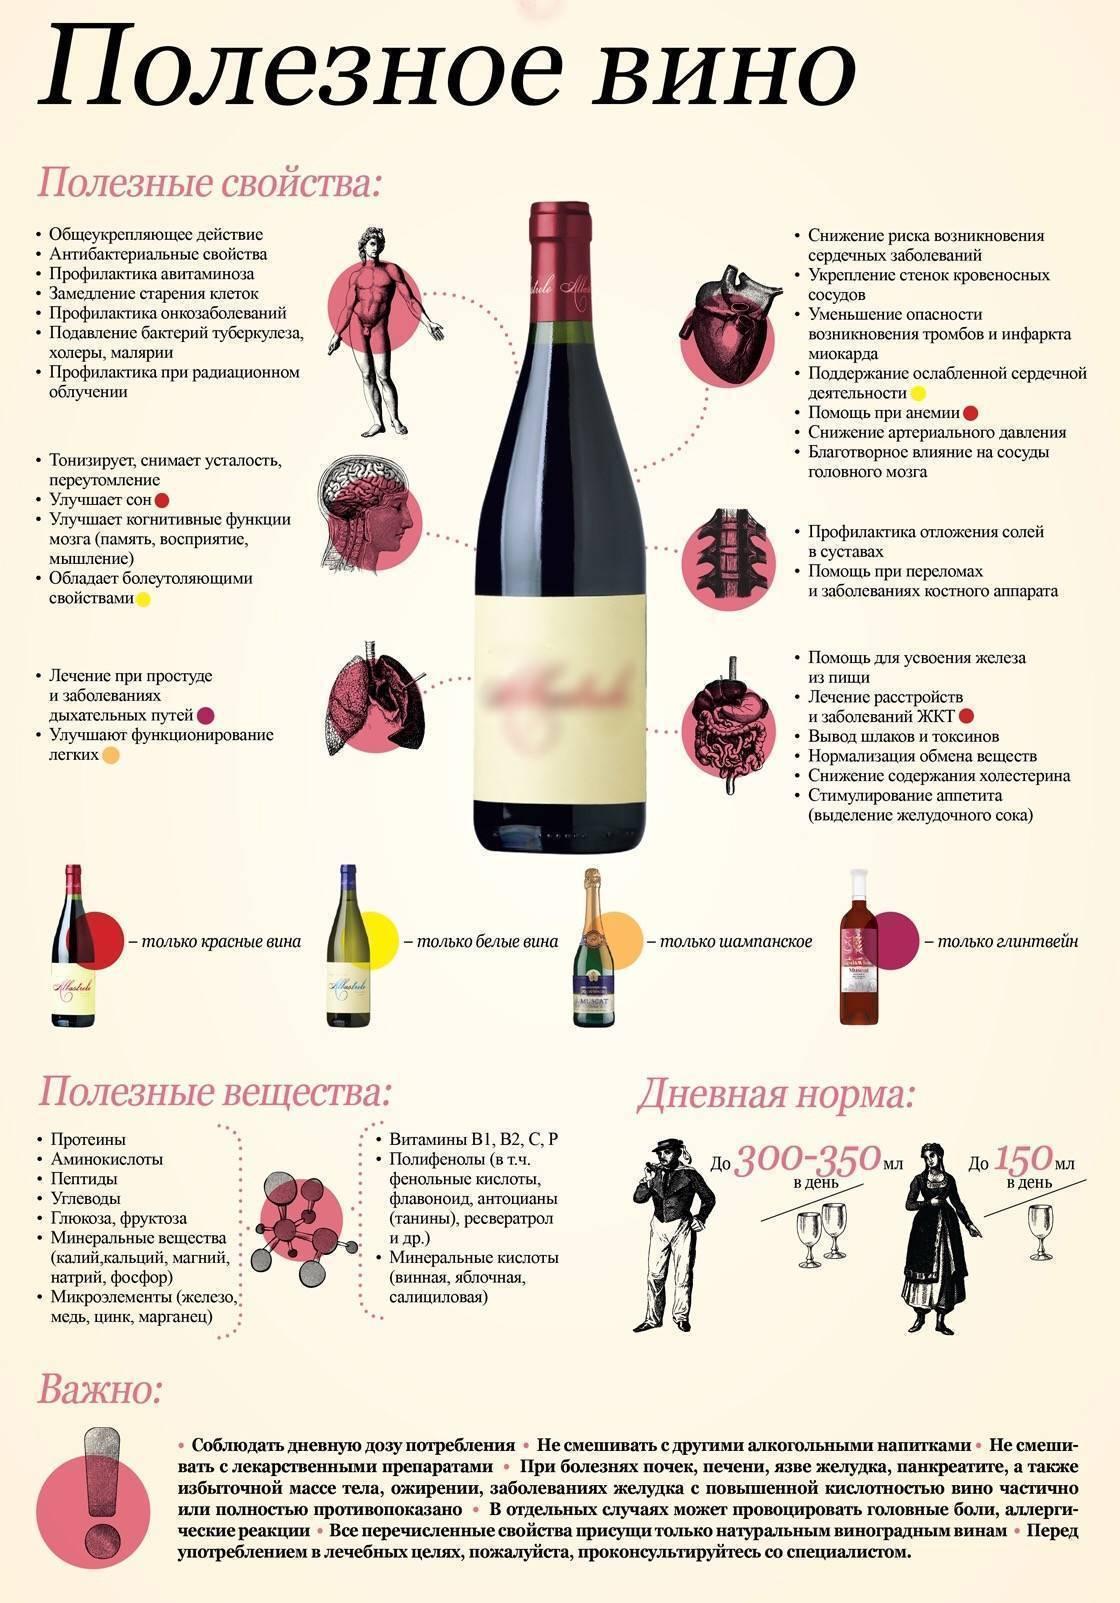 Сухое вино: определение, характеристики, отличия от других разновидностей вин